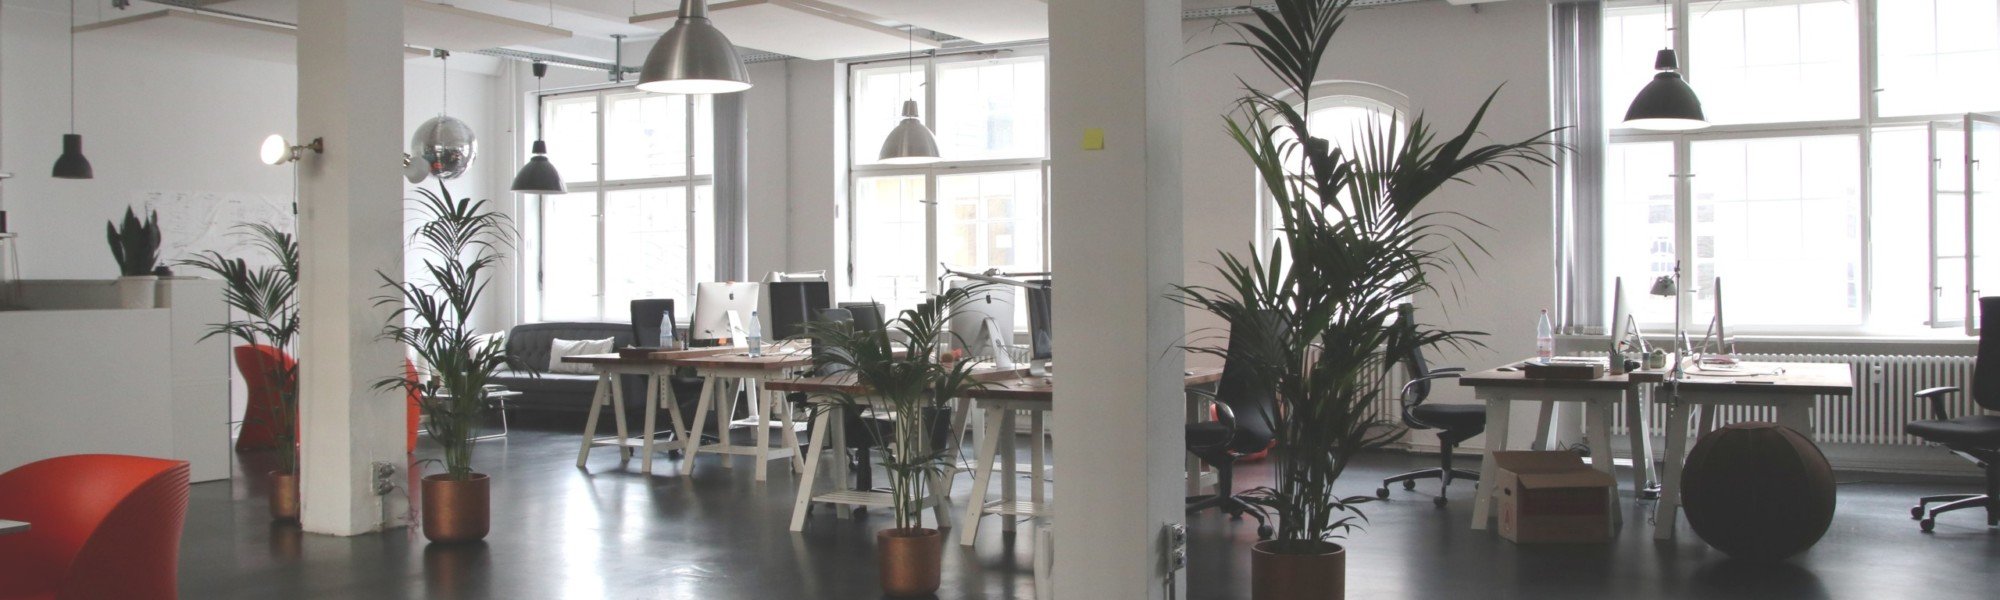 Kuvassa tyhjä toimisto